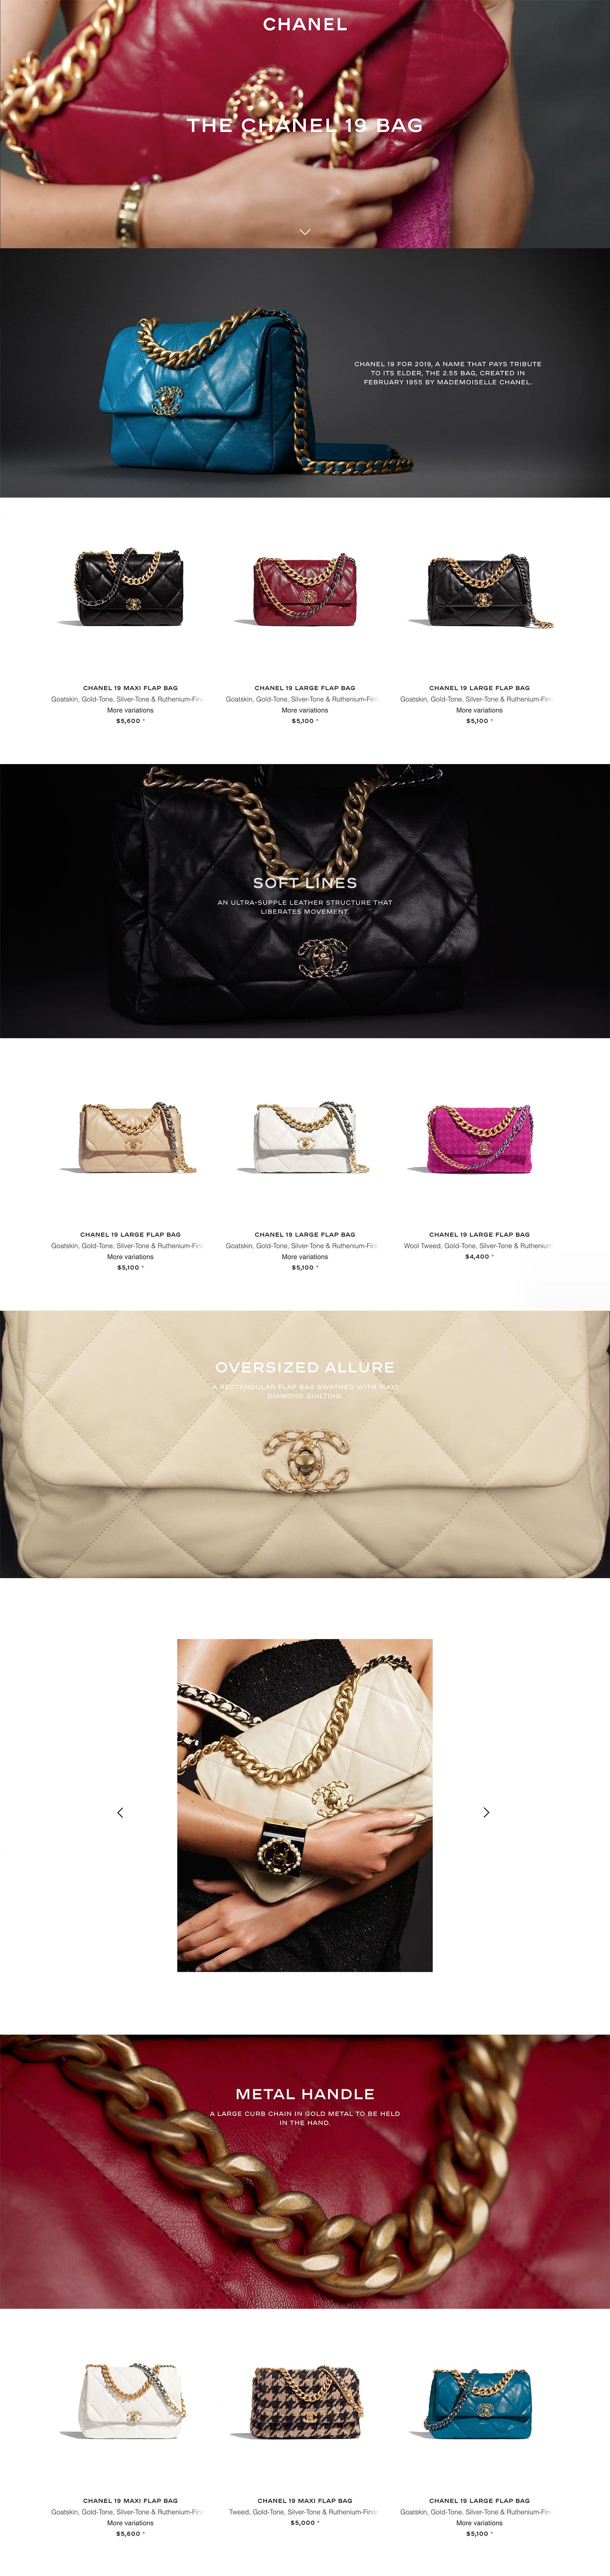 Ecran 1 du site Sacs Chanel 19